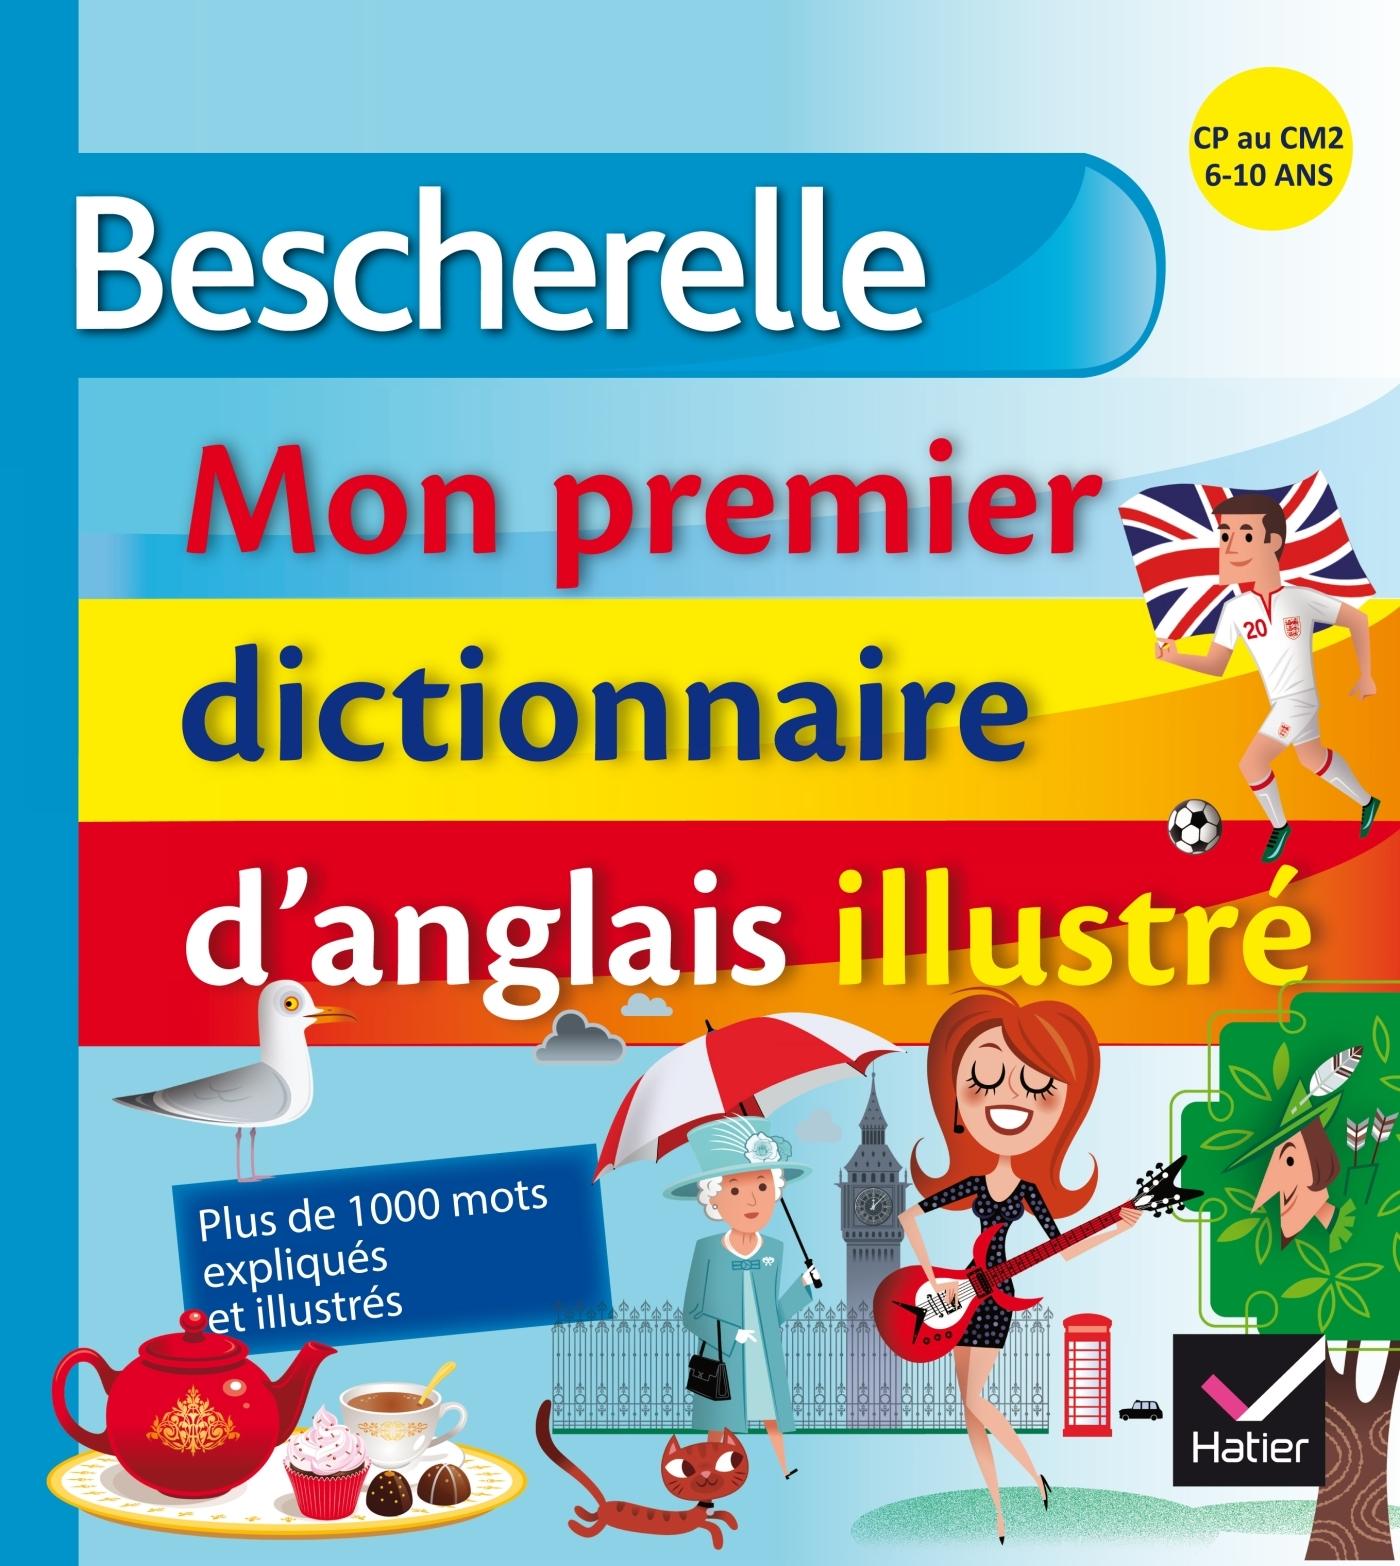 BESCHERELLE - MON PREMIER DICTIONNAIRE D'ANGLAIS ILLUSTRE